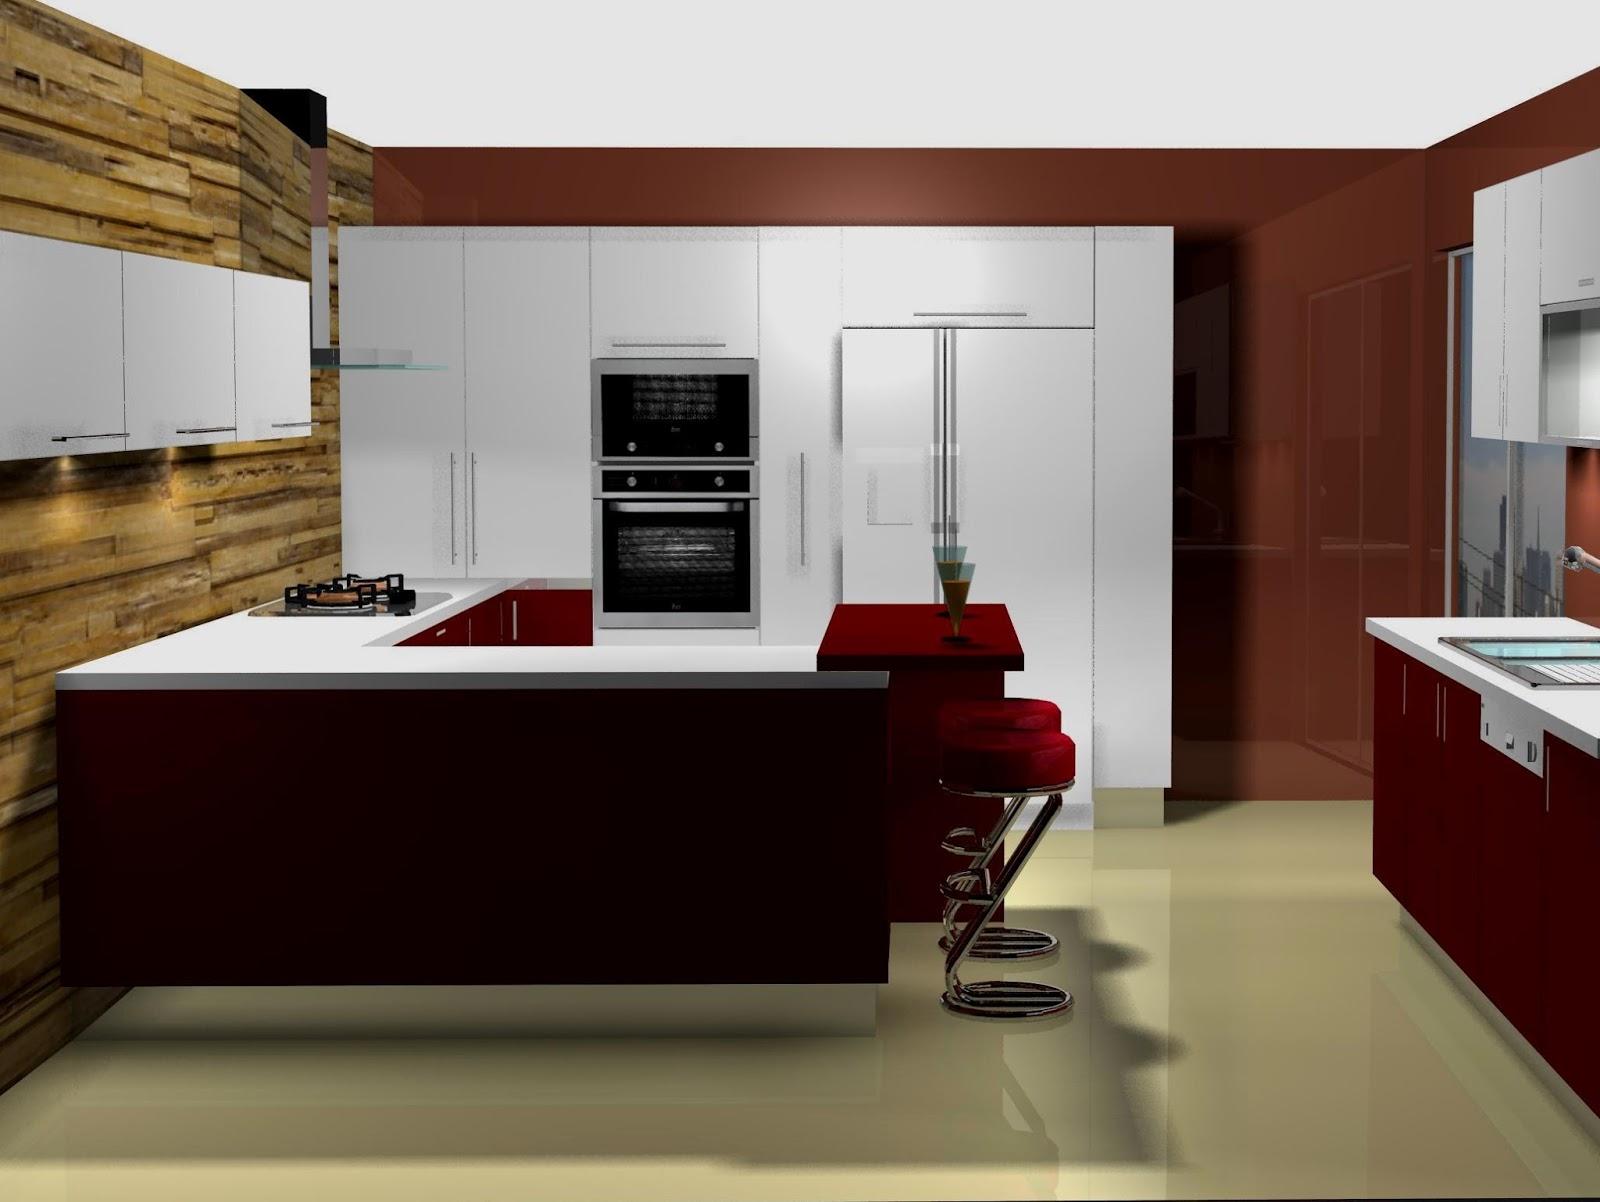 Diseño muebles de cocina: enero 2016